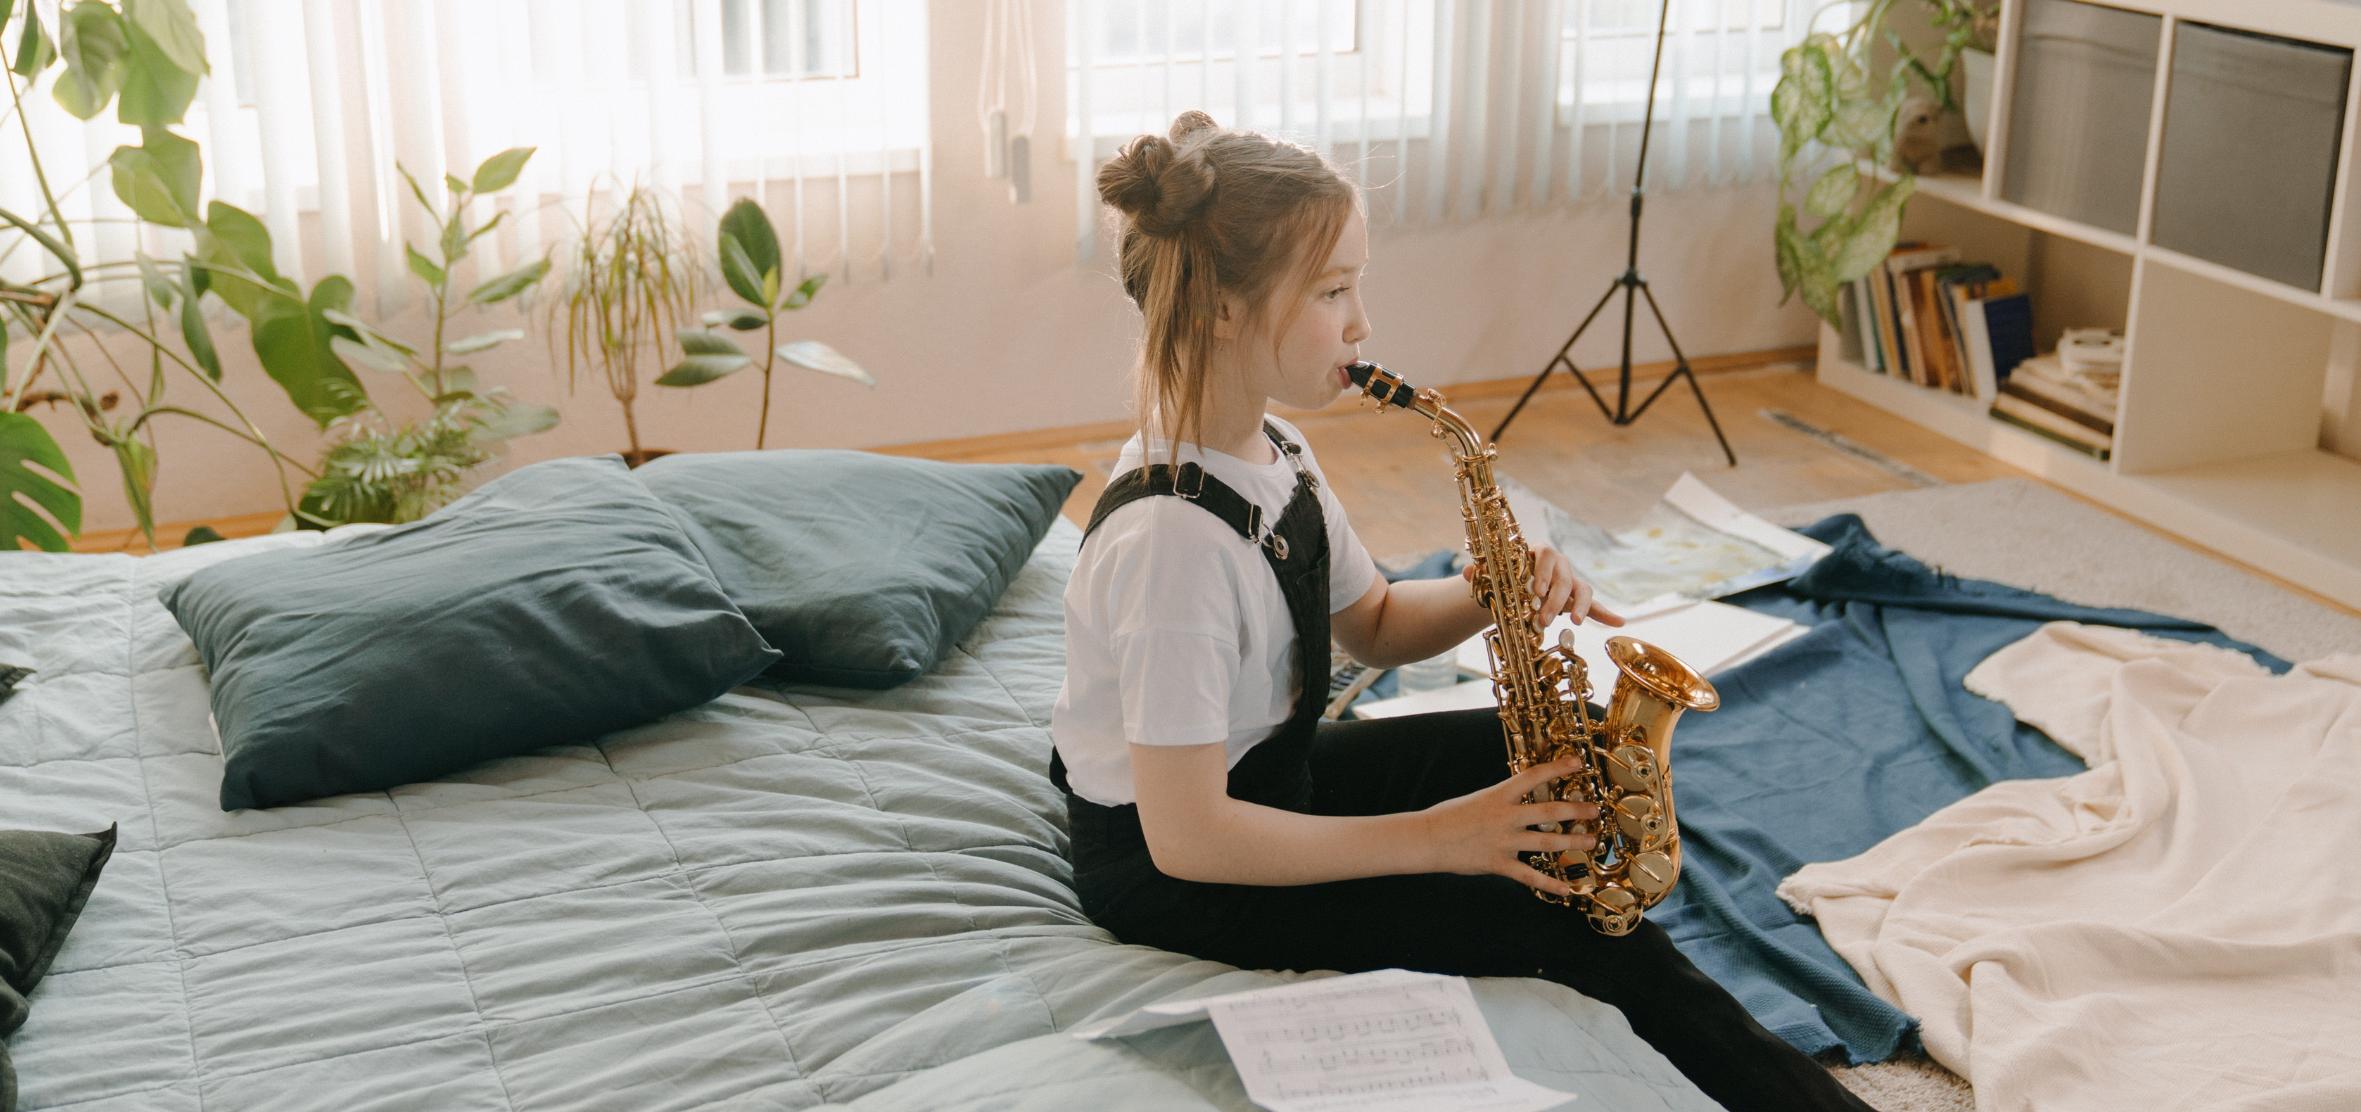 Mietkaufen - Musikinstrument lernen ohne finanzielles Risiko